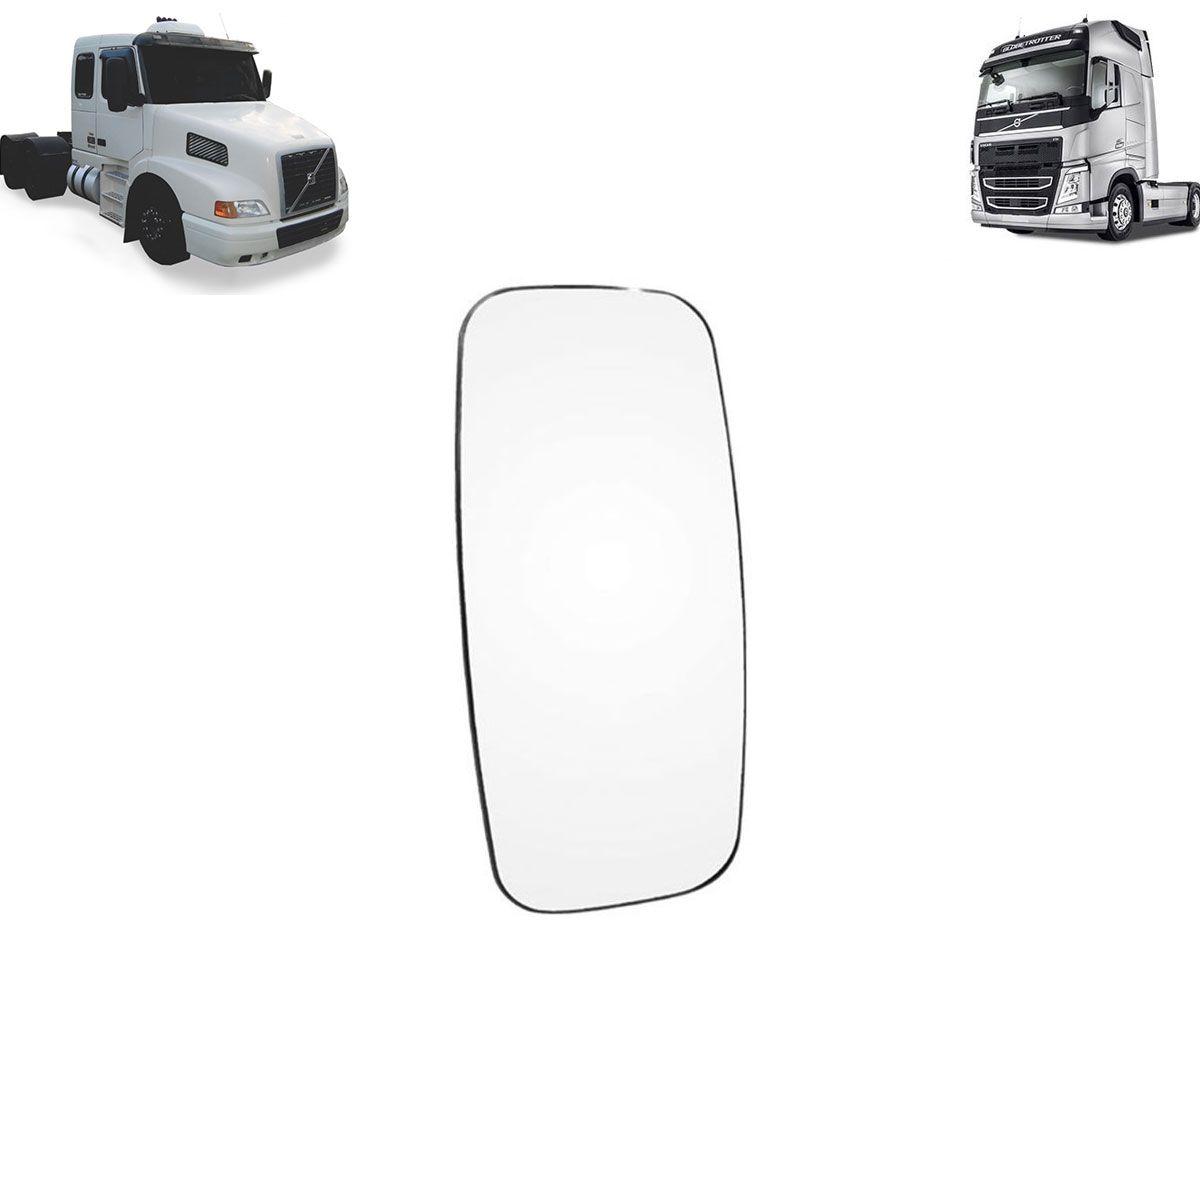 Vidro com Base Espelho Volvo FH - NH Lado Esquerdo - Lado Direito com Desembaçador